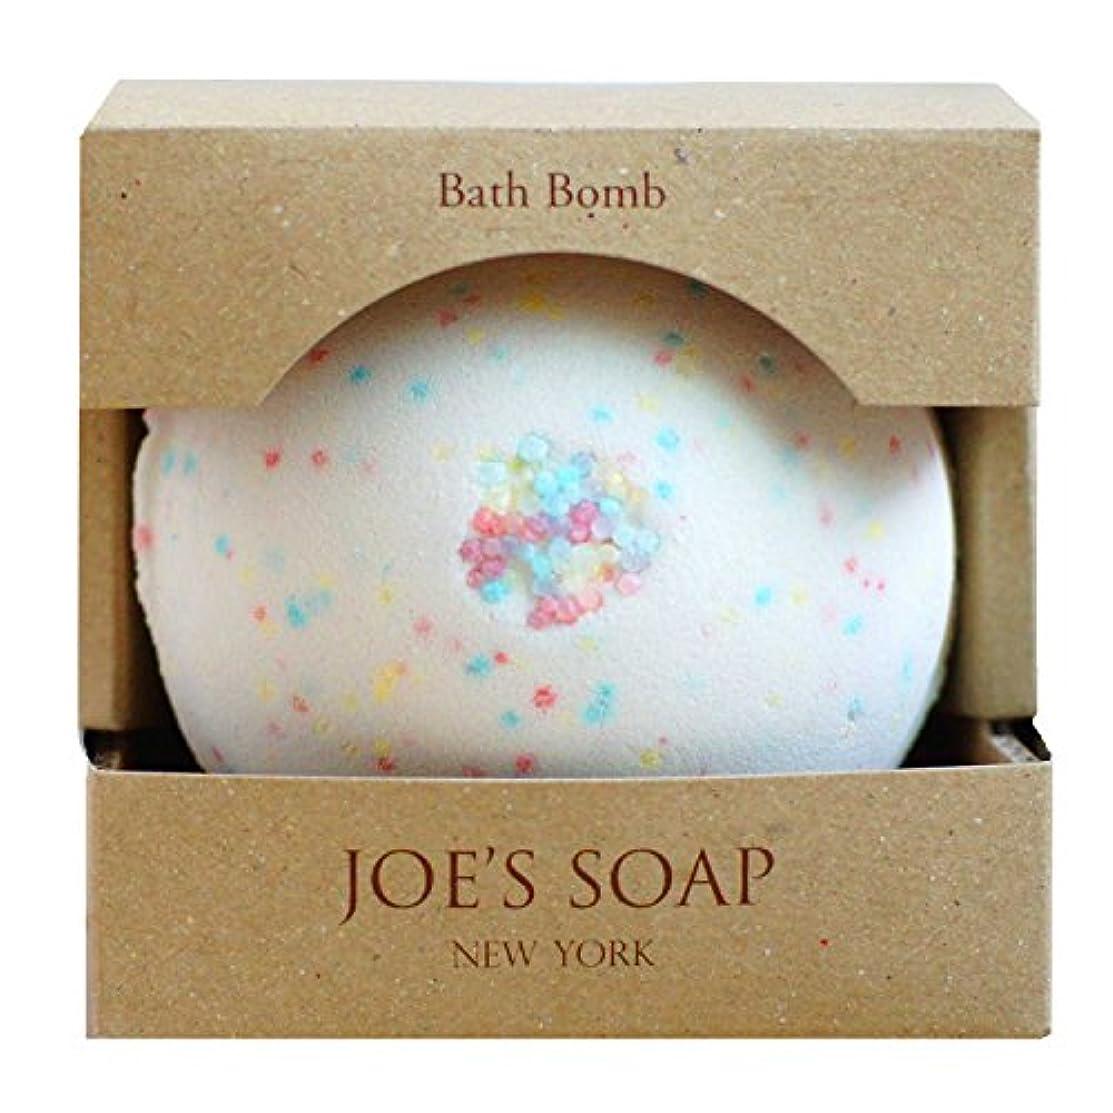 直立レーニン主義ソブリケットJOE'S SOAP (ジョーズソープ) バスボム(BEAUTY) バスボール 入浴剤 保湿 ボディケア スキンケア オリーブオイル はちみつ フト プレゼント